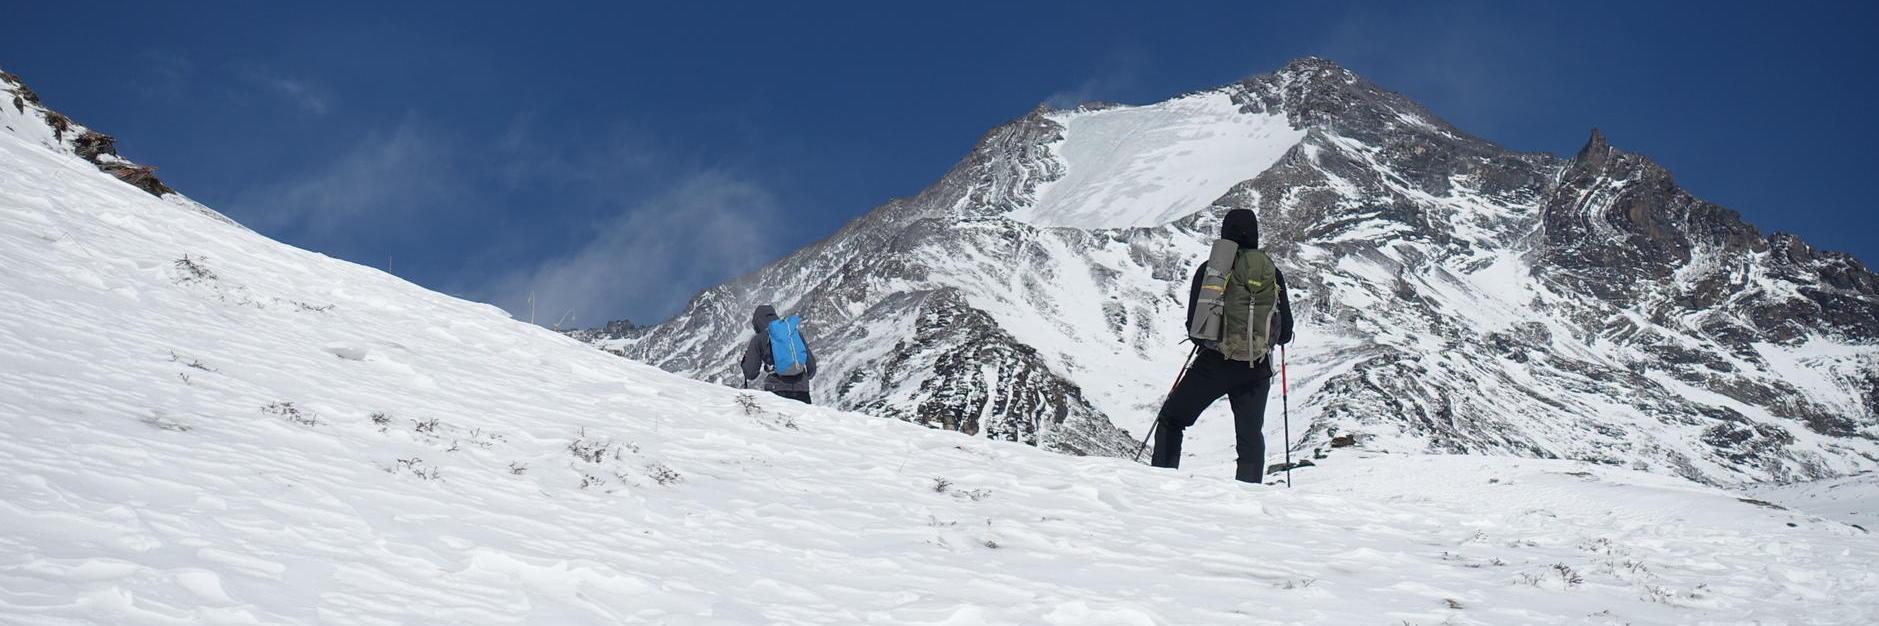 尝试自主攀登四川都日峰(海拔5430),实况分享!